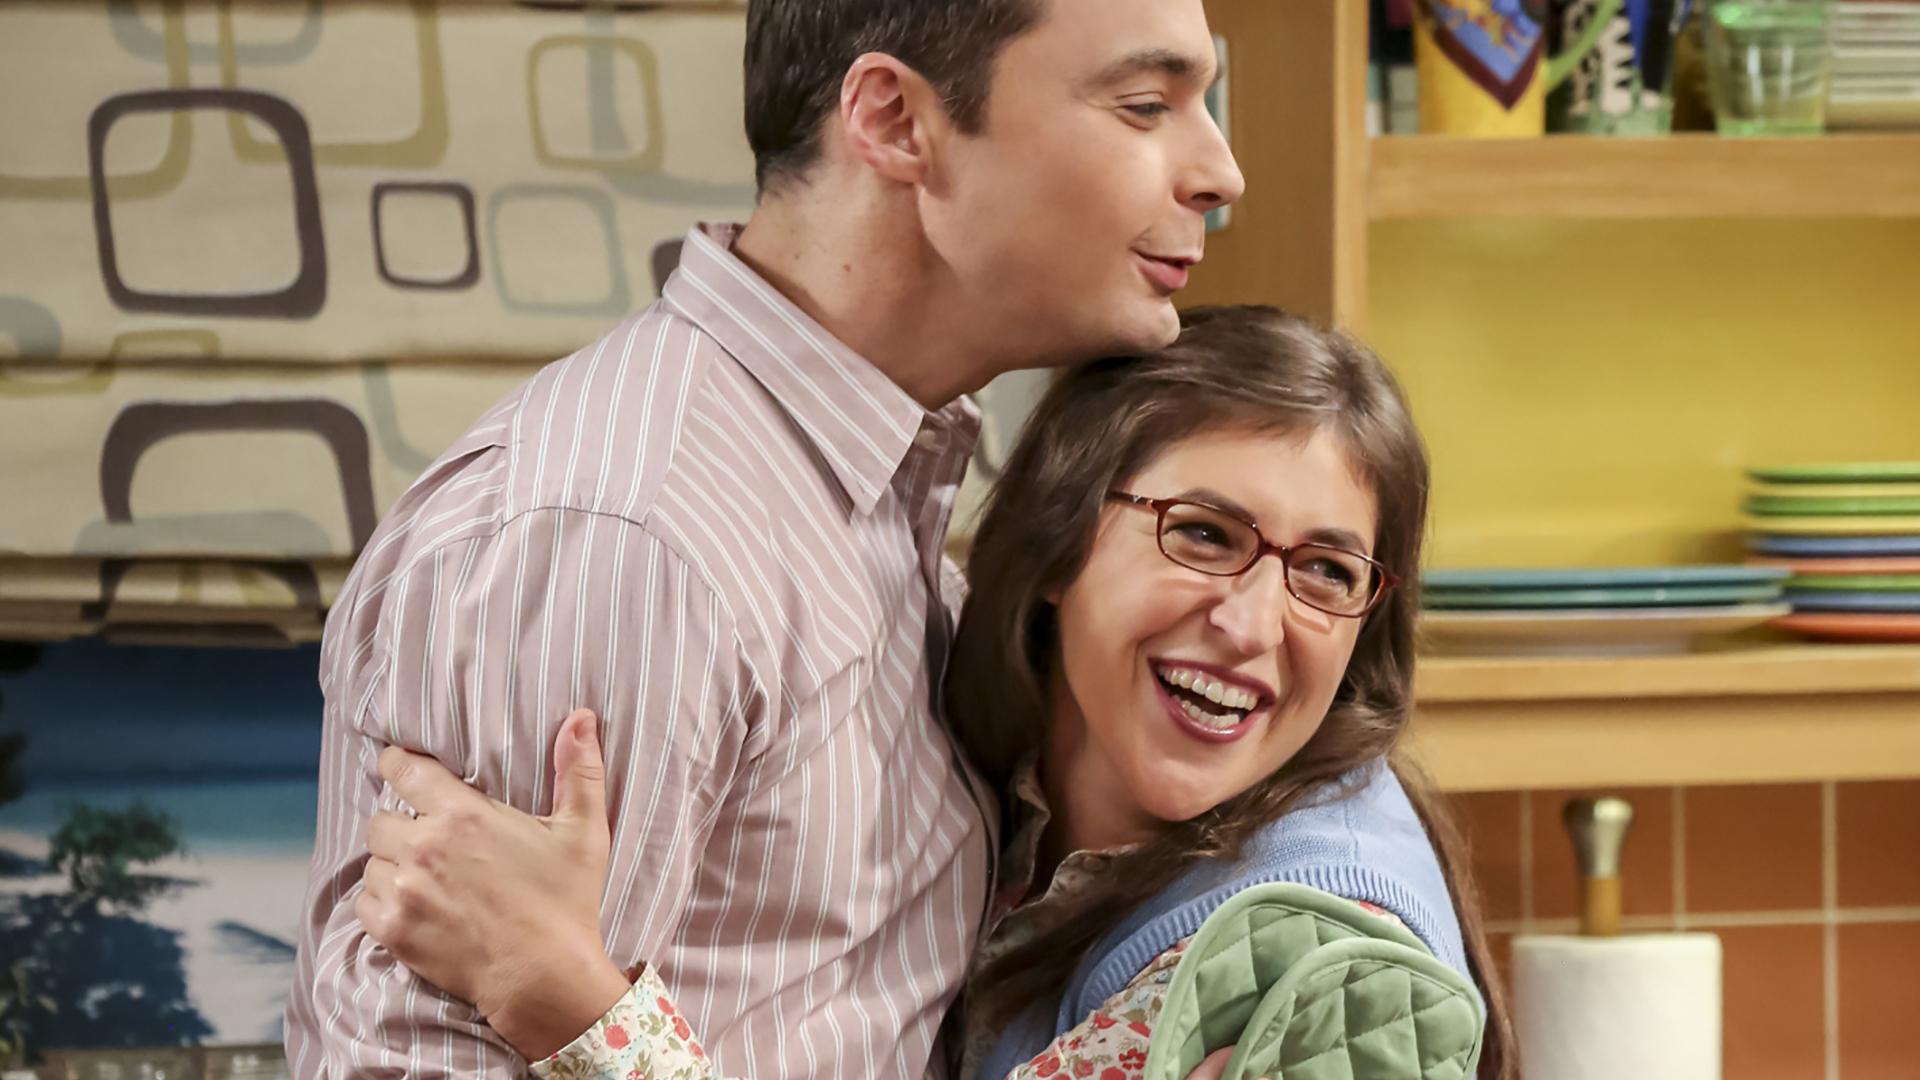 Sheldon and Amy share a hug.